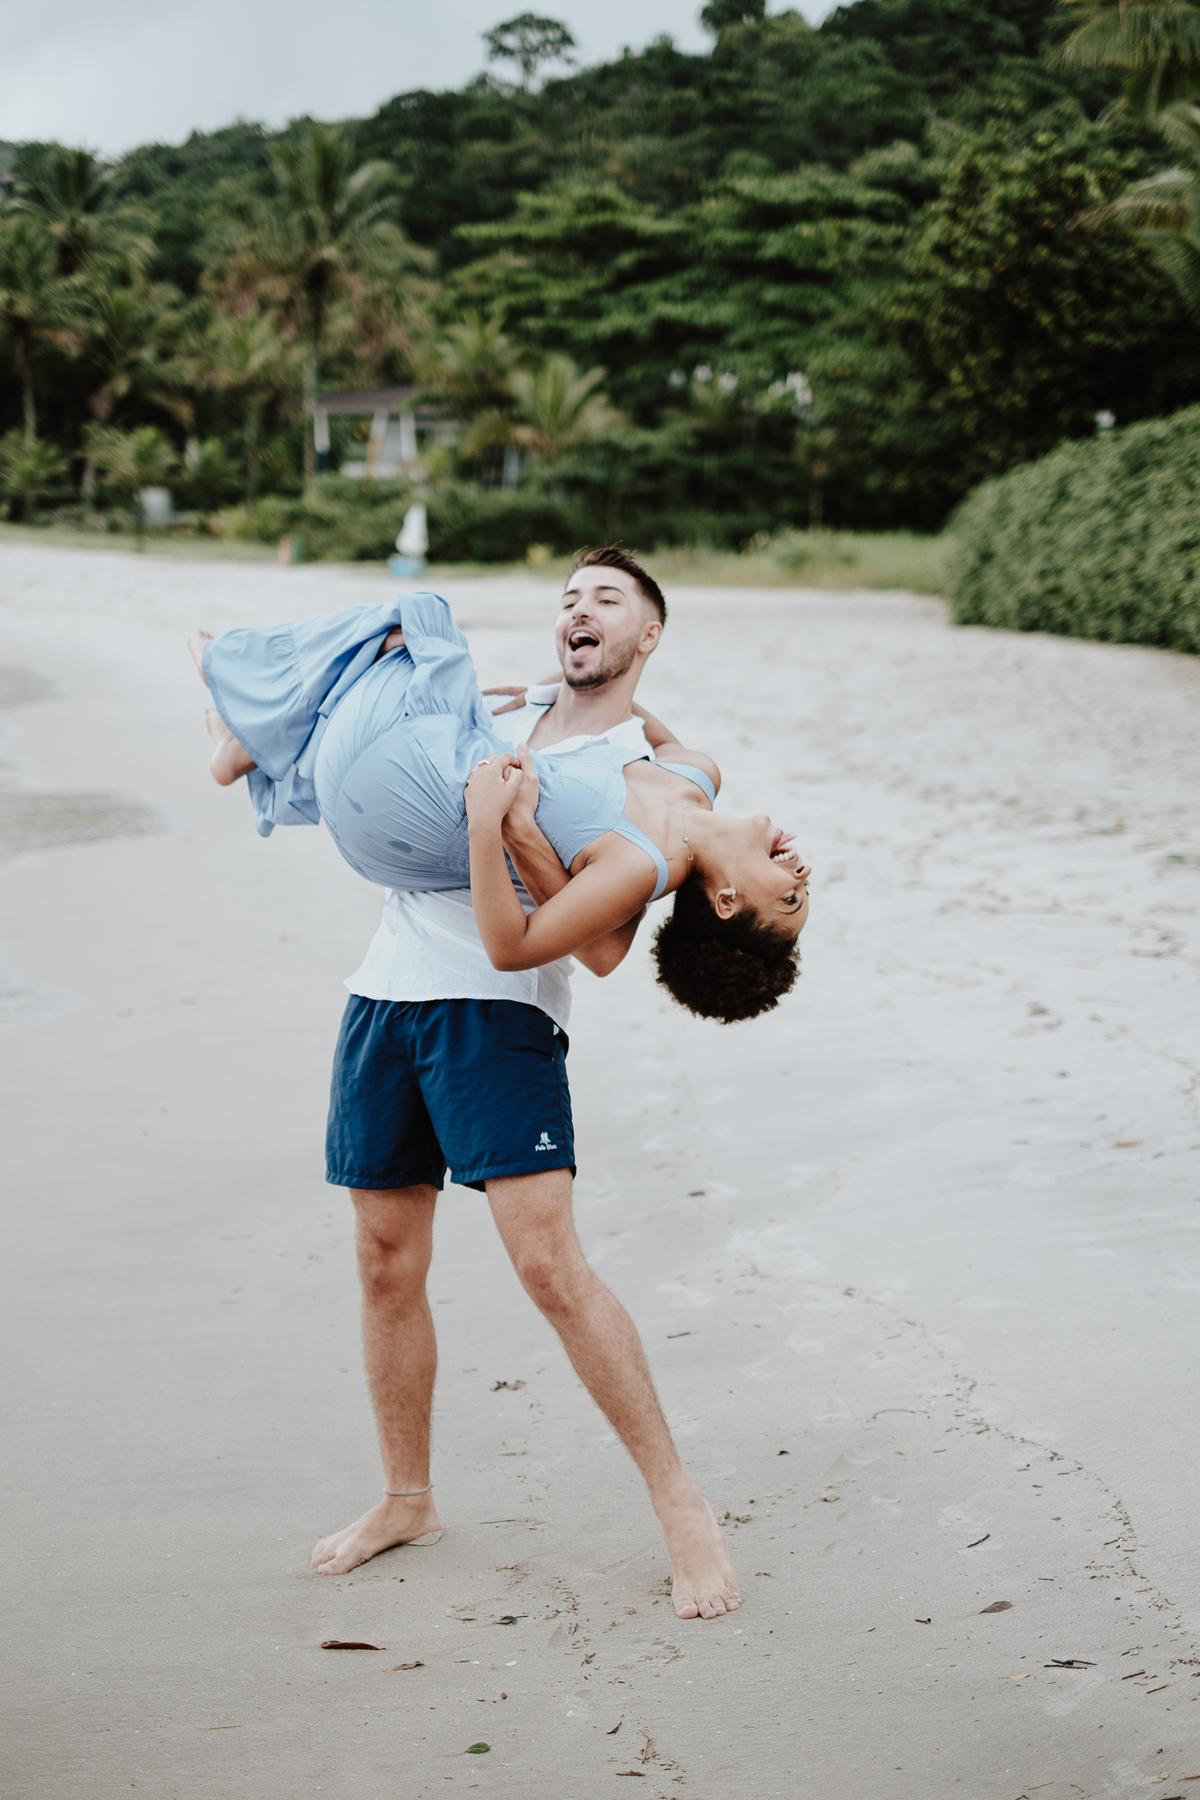 casamentos de dia fotografos de casamentos ensaio casal na praia das conchas mini weddings elopement  casal sorrindo fotos espontaneas